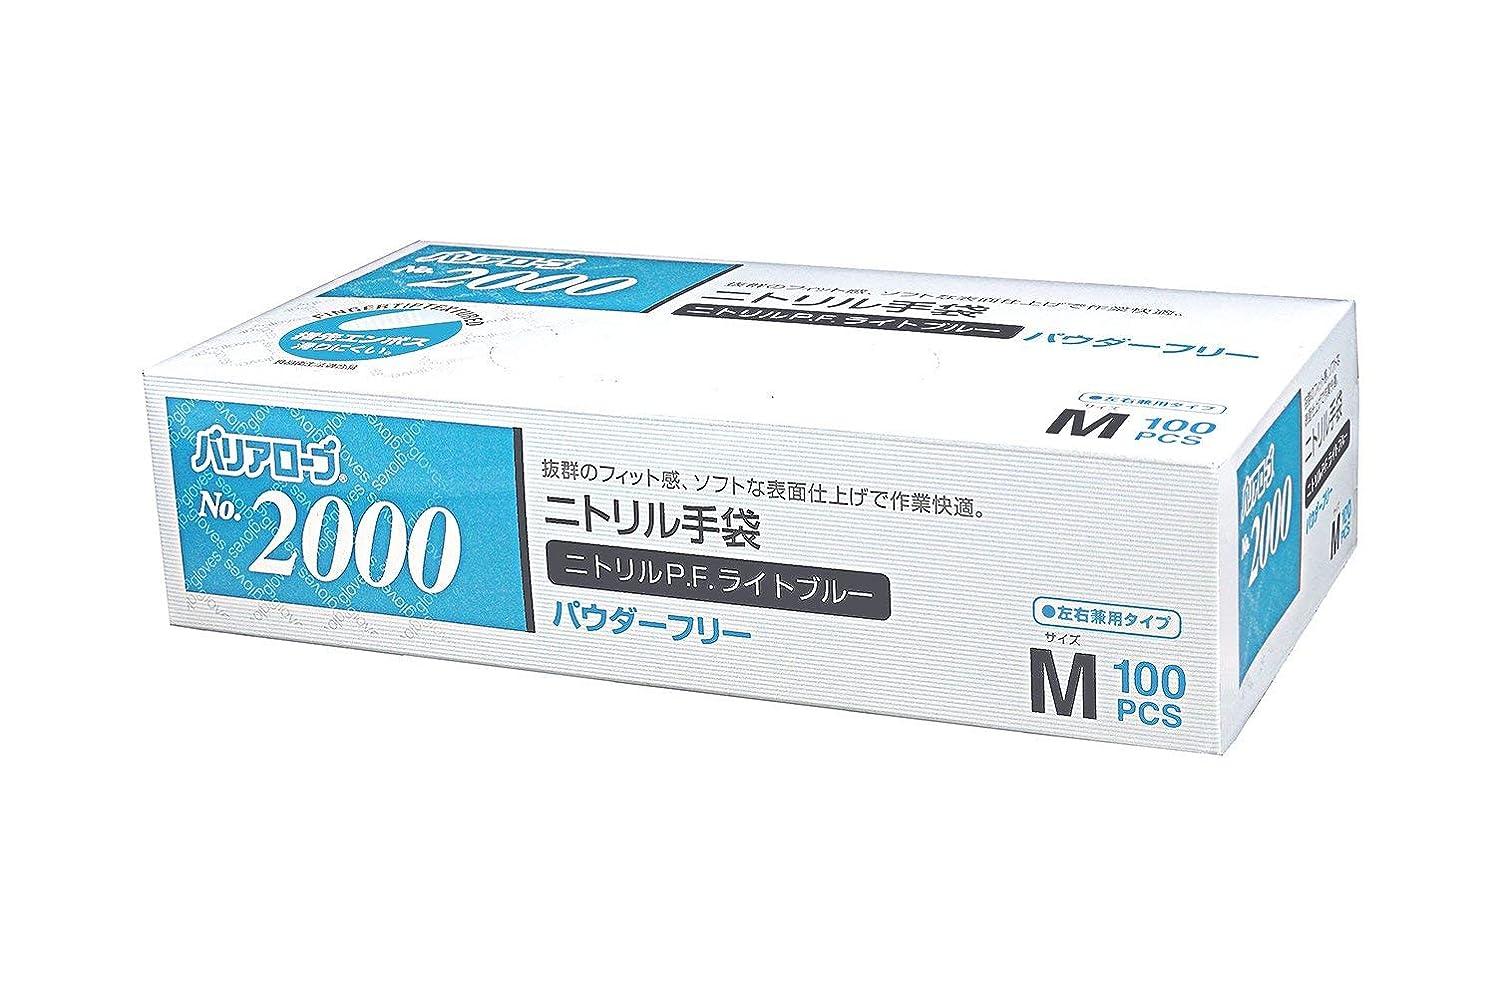 ヘッジジェム目覚める【ケース販売】 バリアローブ №2000 ニトリルP.F.ライト ブルー (パウダーフリー) M 2000枚(100枚×20箱)